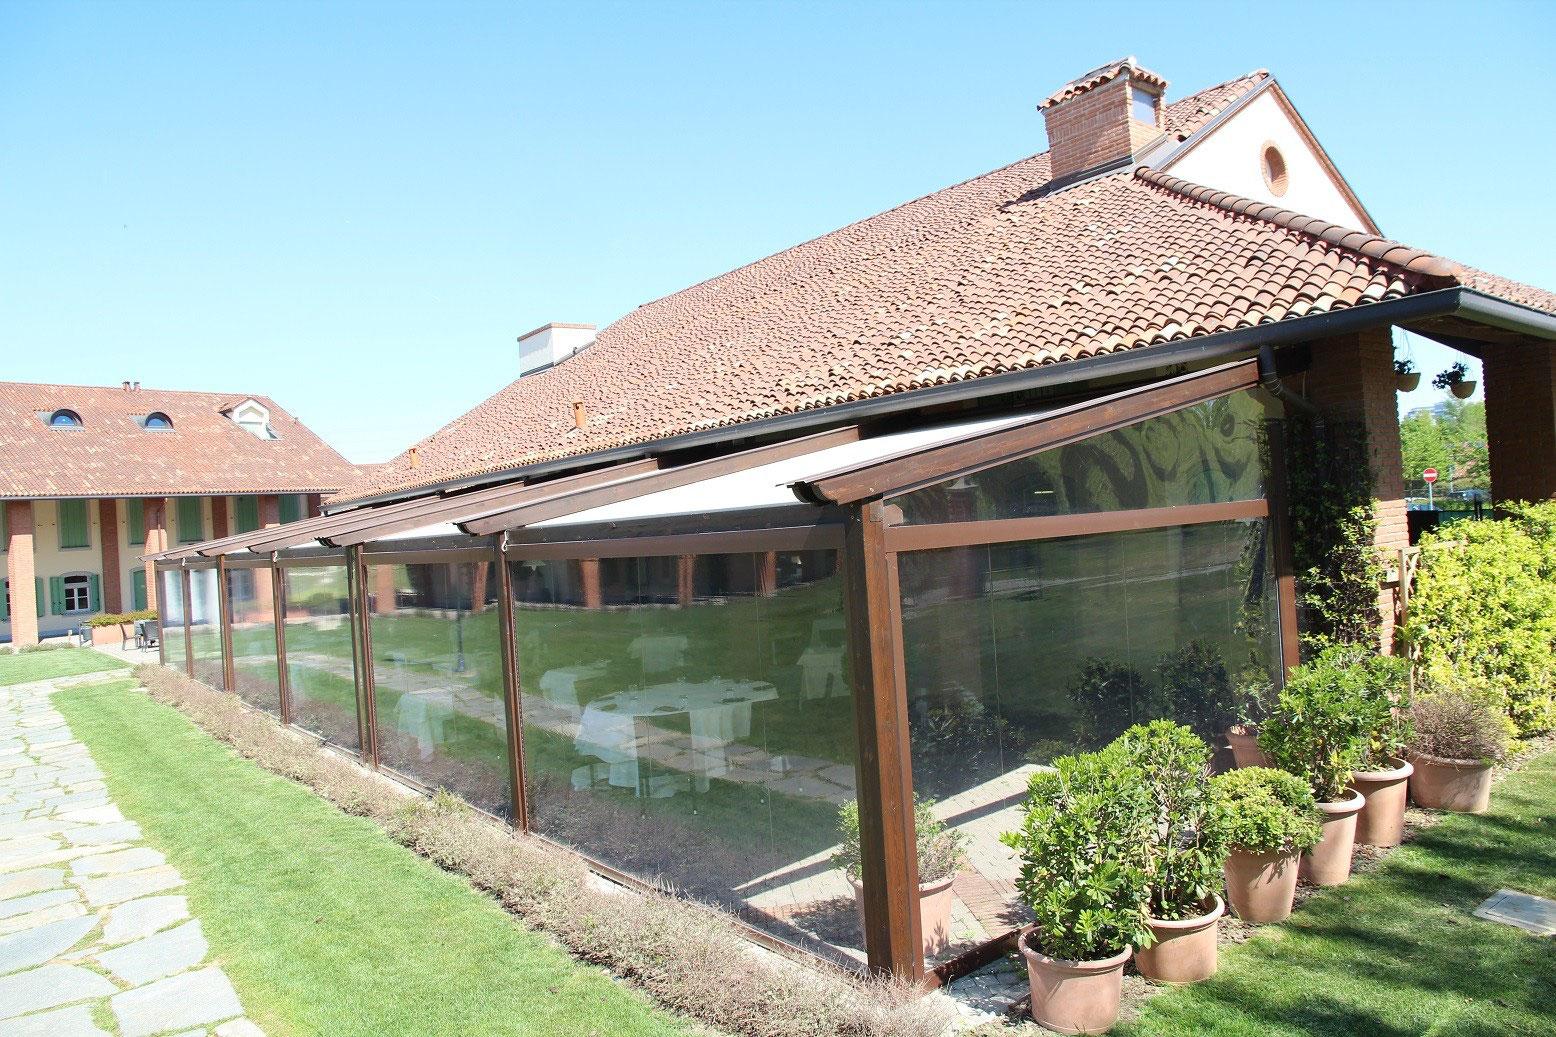 Faszinierend Sonnenschutz Dachterrasse Beste Wahl Für Gastronomie Kann Auch Eine Werbedruck Erfolgen.